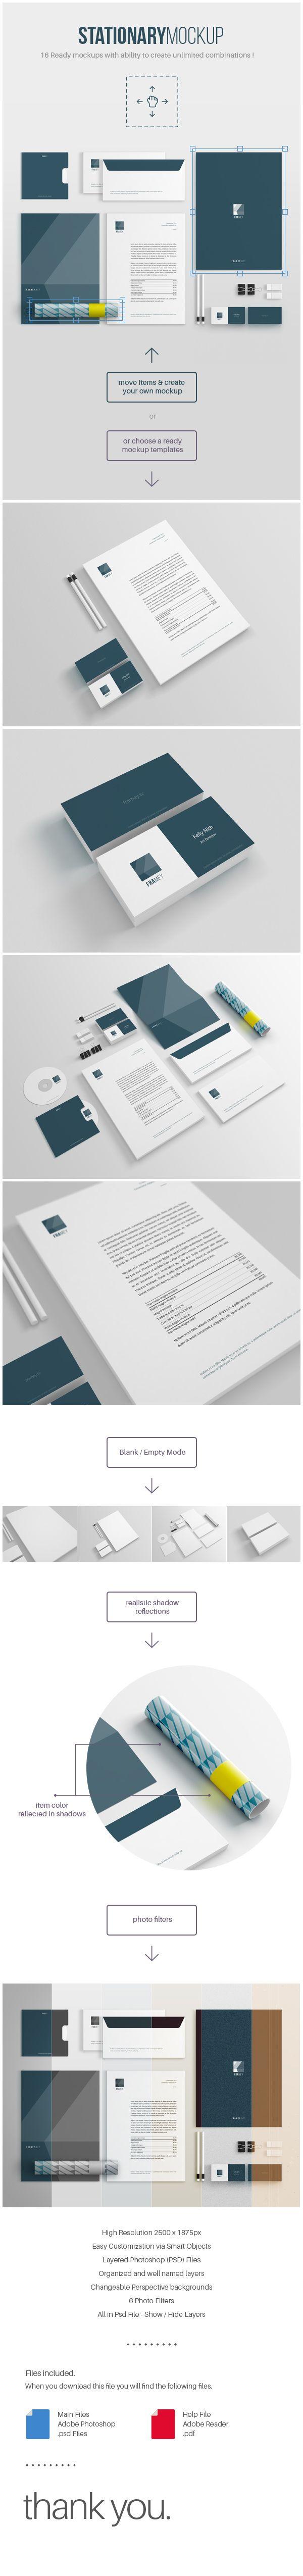 Free Stationery Mockup on Behance